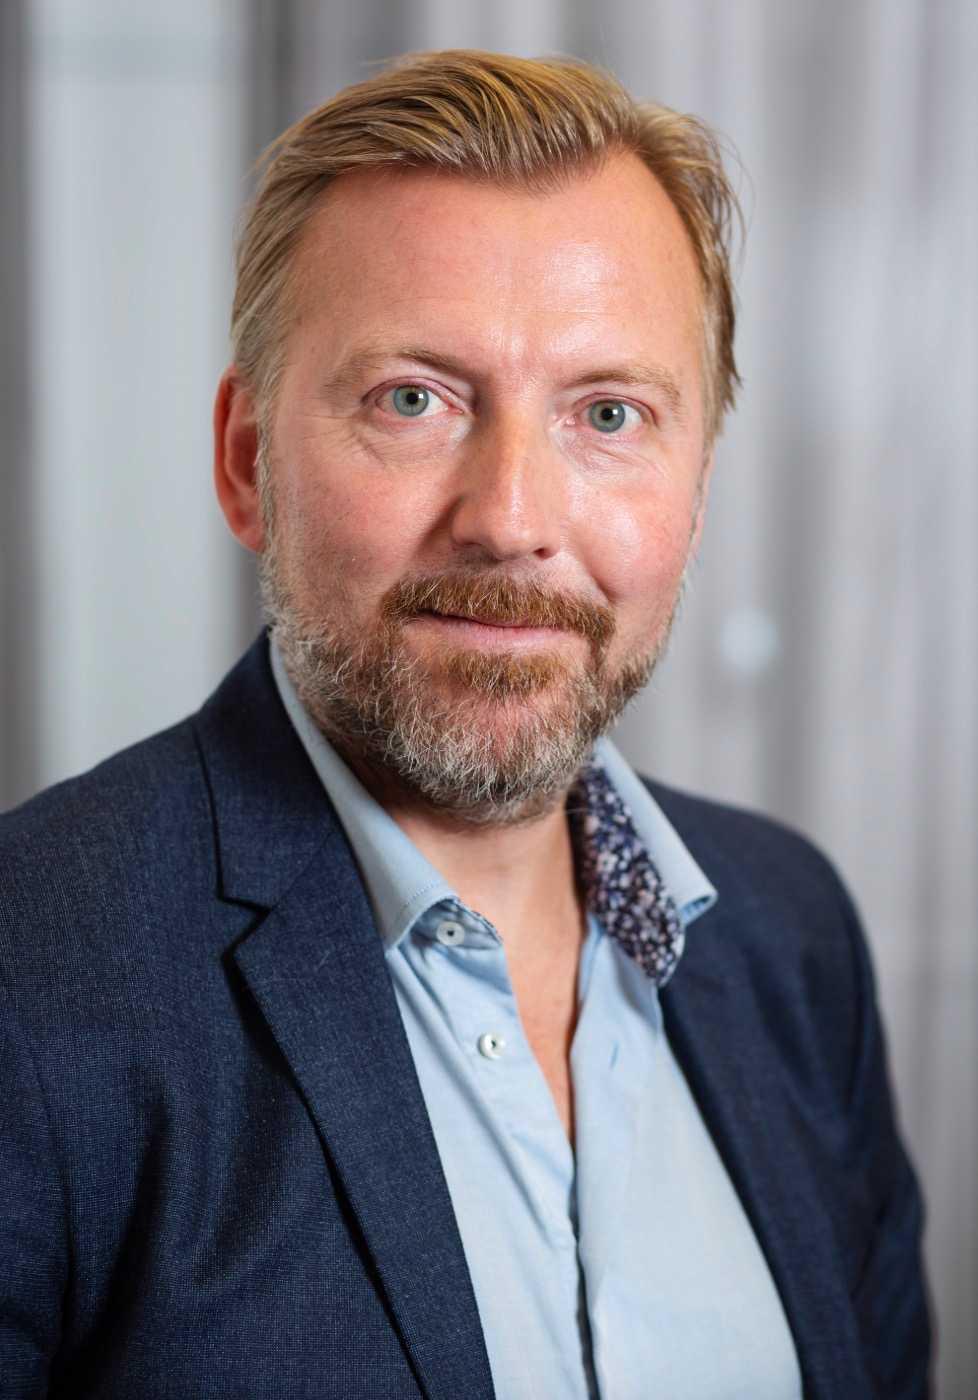 Fredrik Bohlin rådman på Ystad tingsrätt.